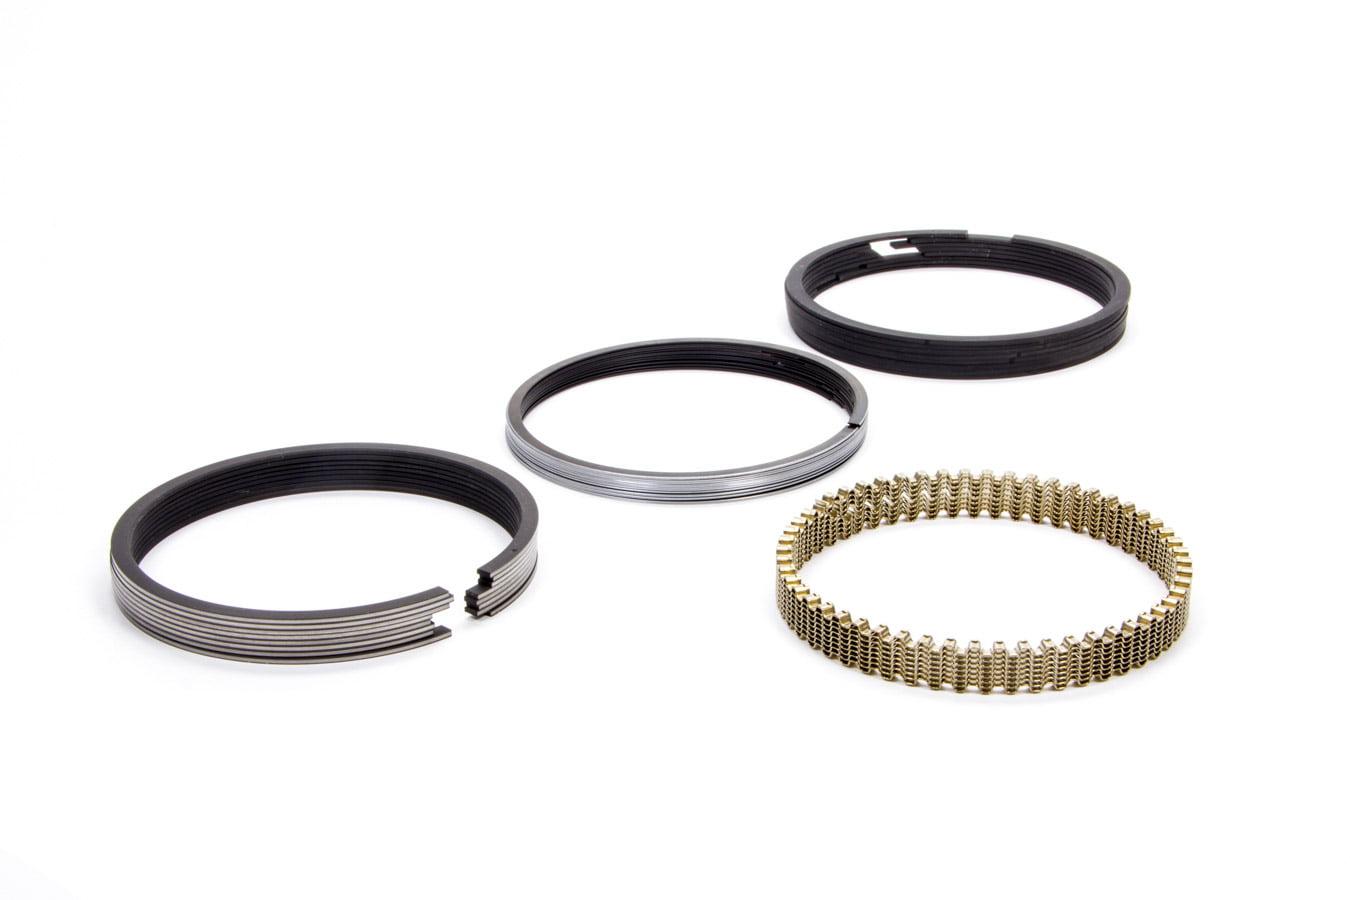 HASTINGS 2M661030 Piston Ring Set 4.155 5//64 5//64 3//16